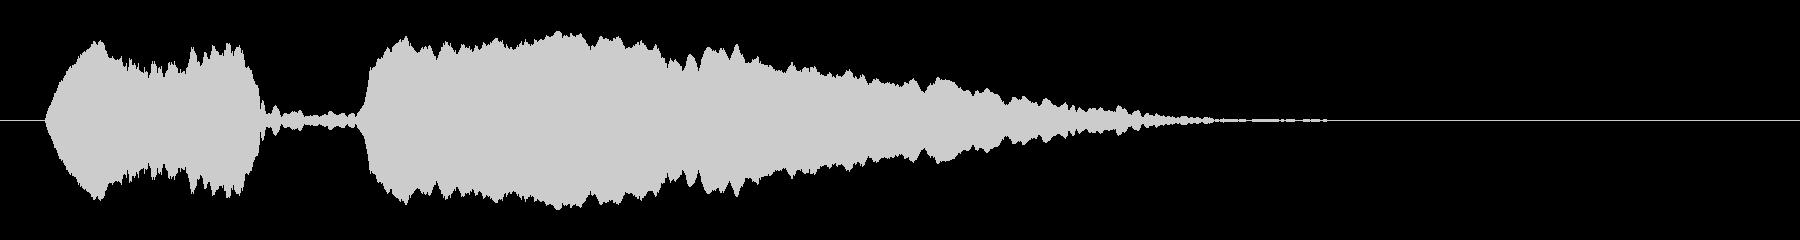 「ポッポ〜」オカリナによる鳩の鳴き声擬音の未再生の波形